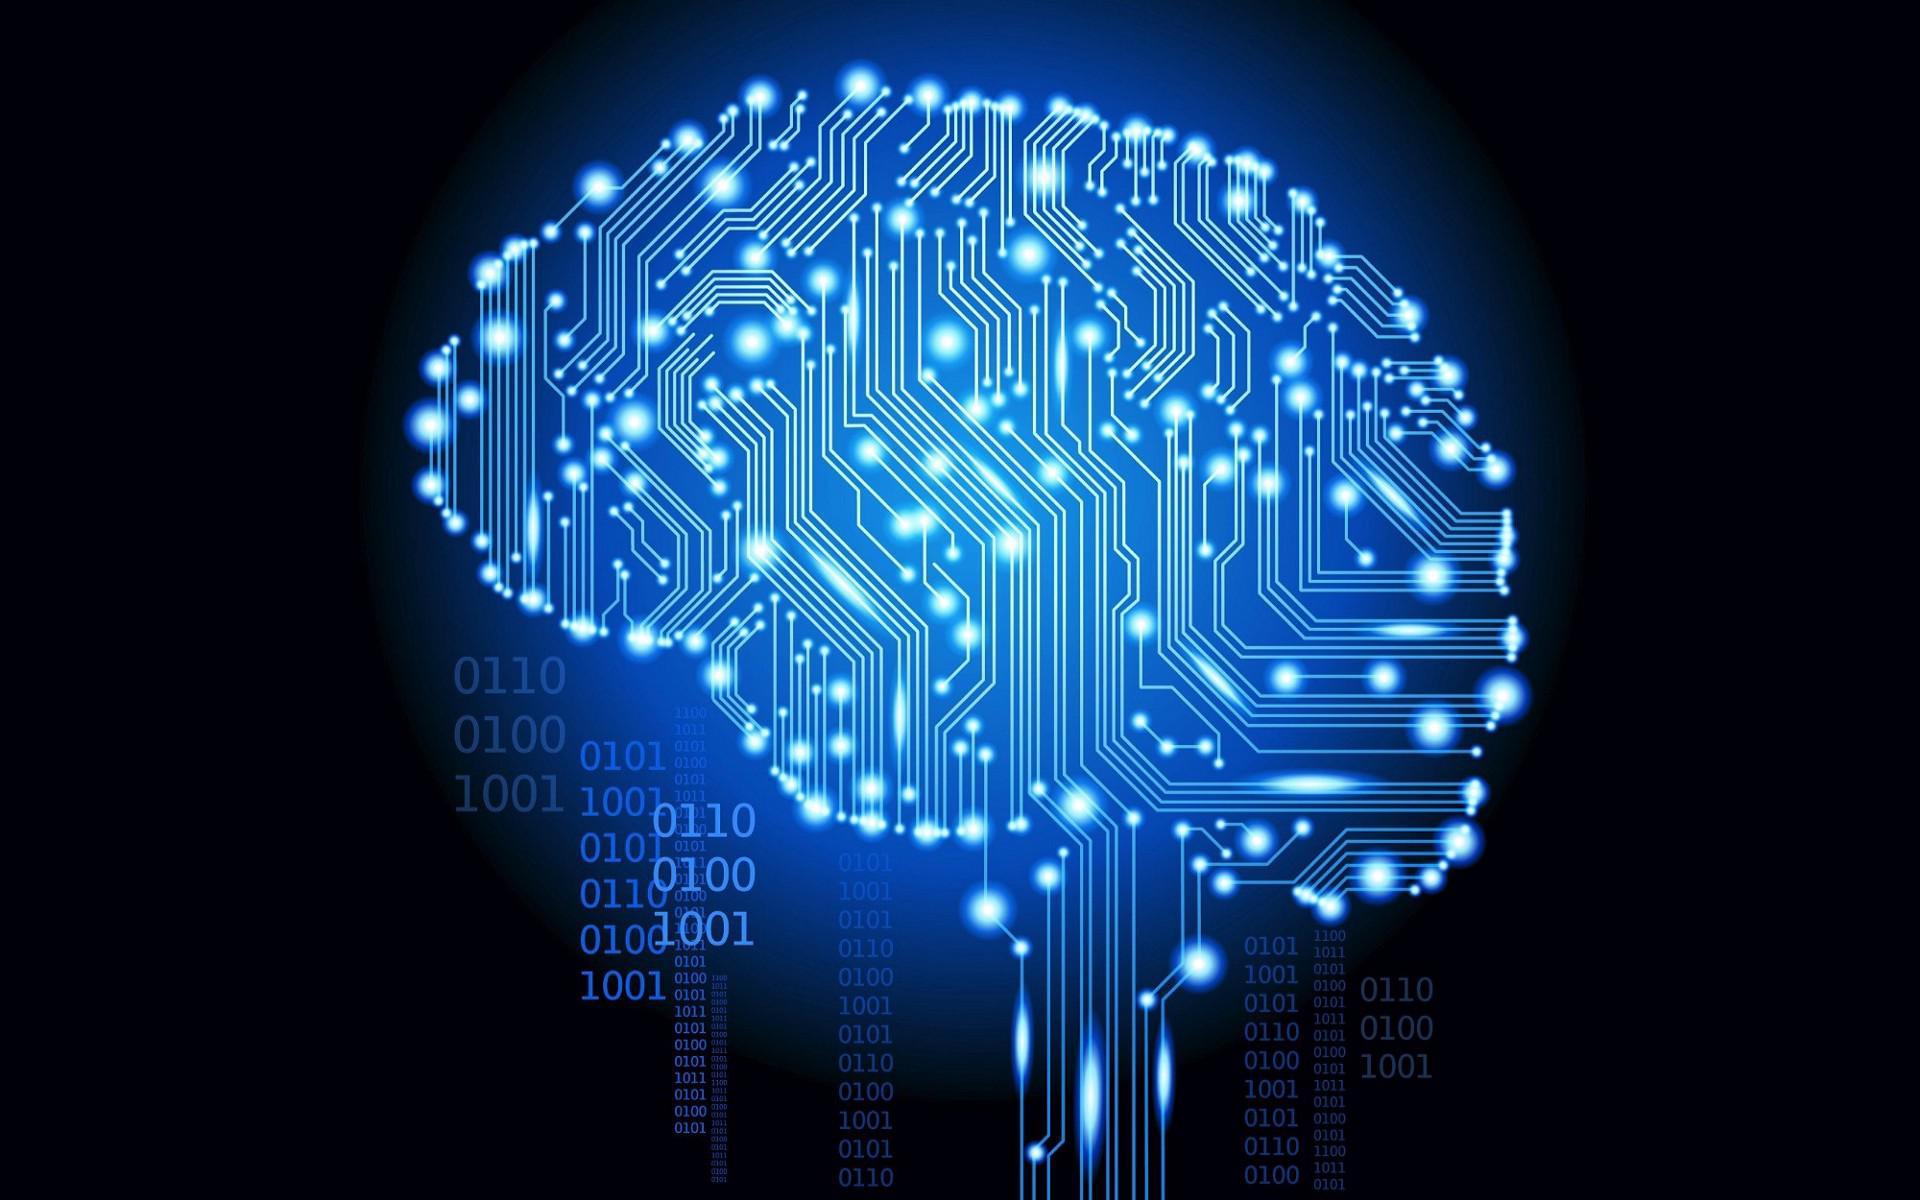 玛氏集团_脑机接口迎来新进展:一千个新材料电极直接植入大脑,可使用 ...